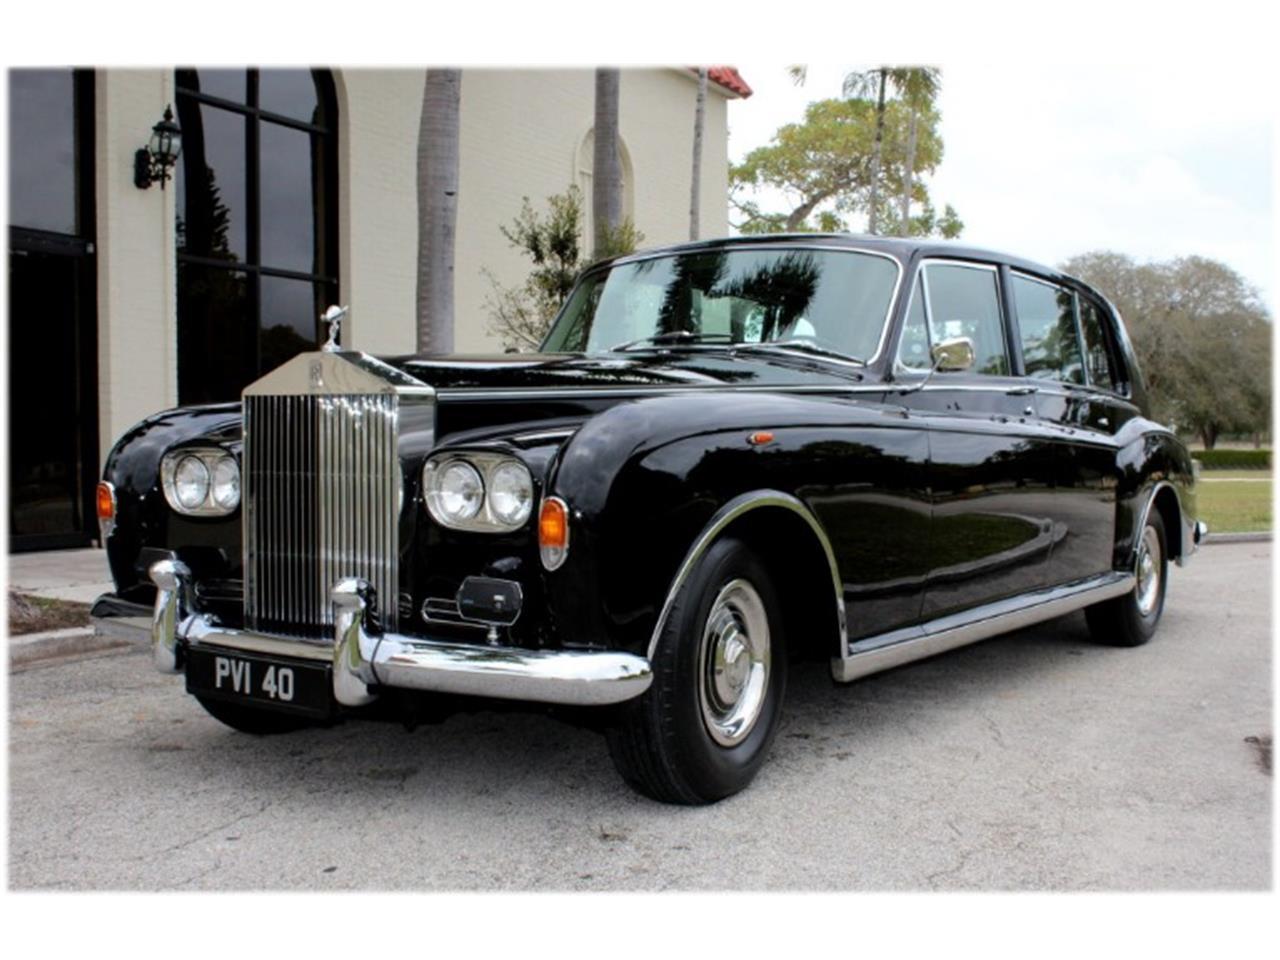 1983 Rolls-Royce Phantom VI for Sale | ClassicCars.com ...